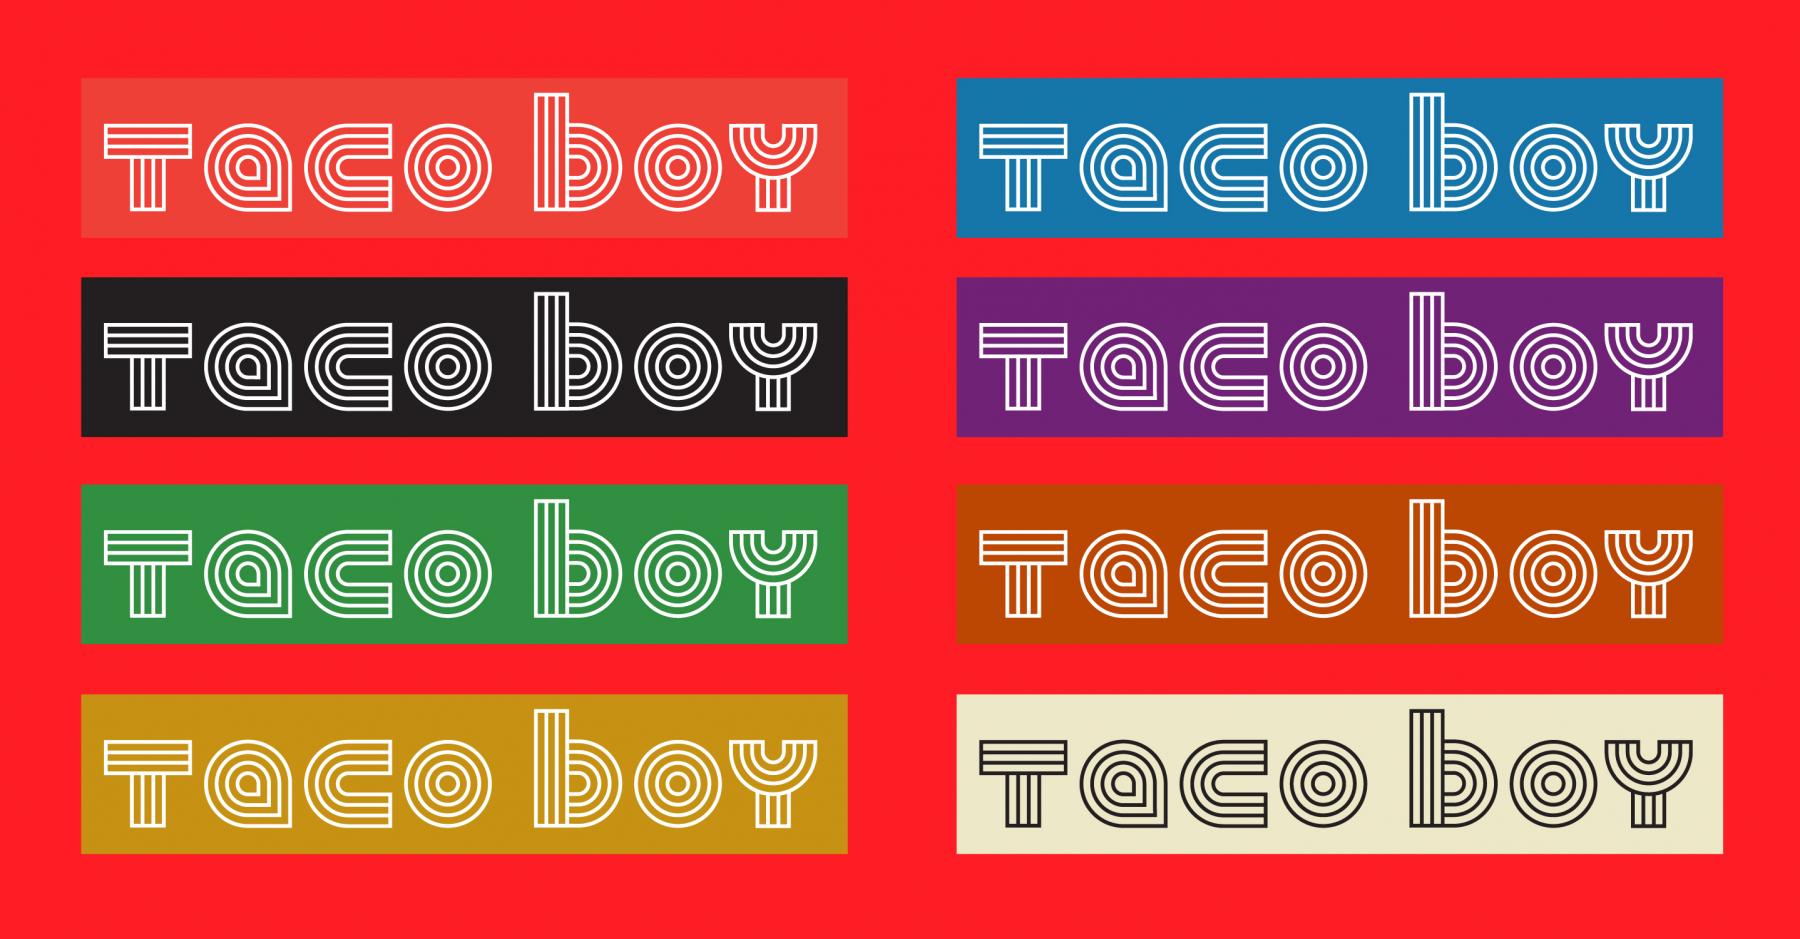 2020_taco_boy